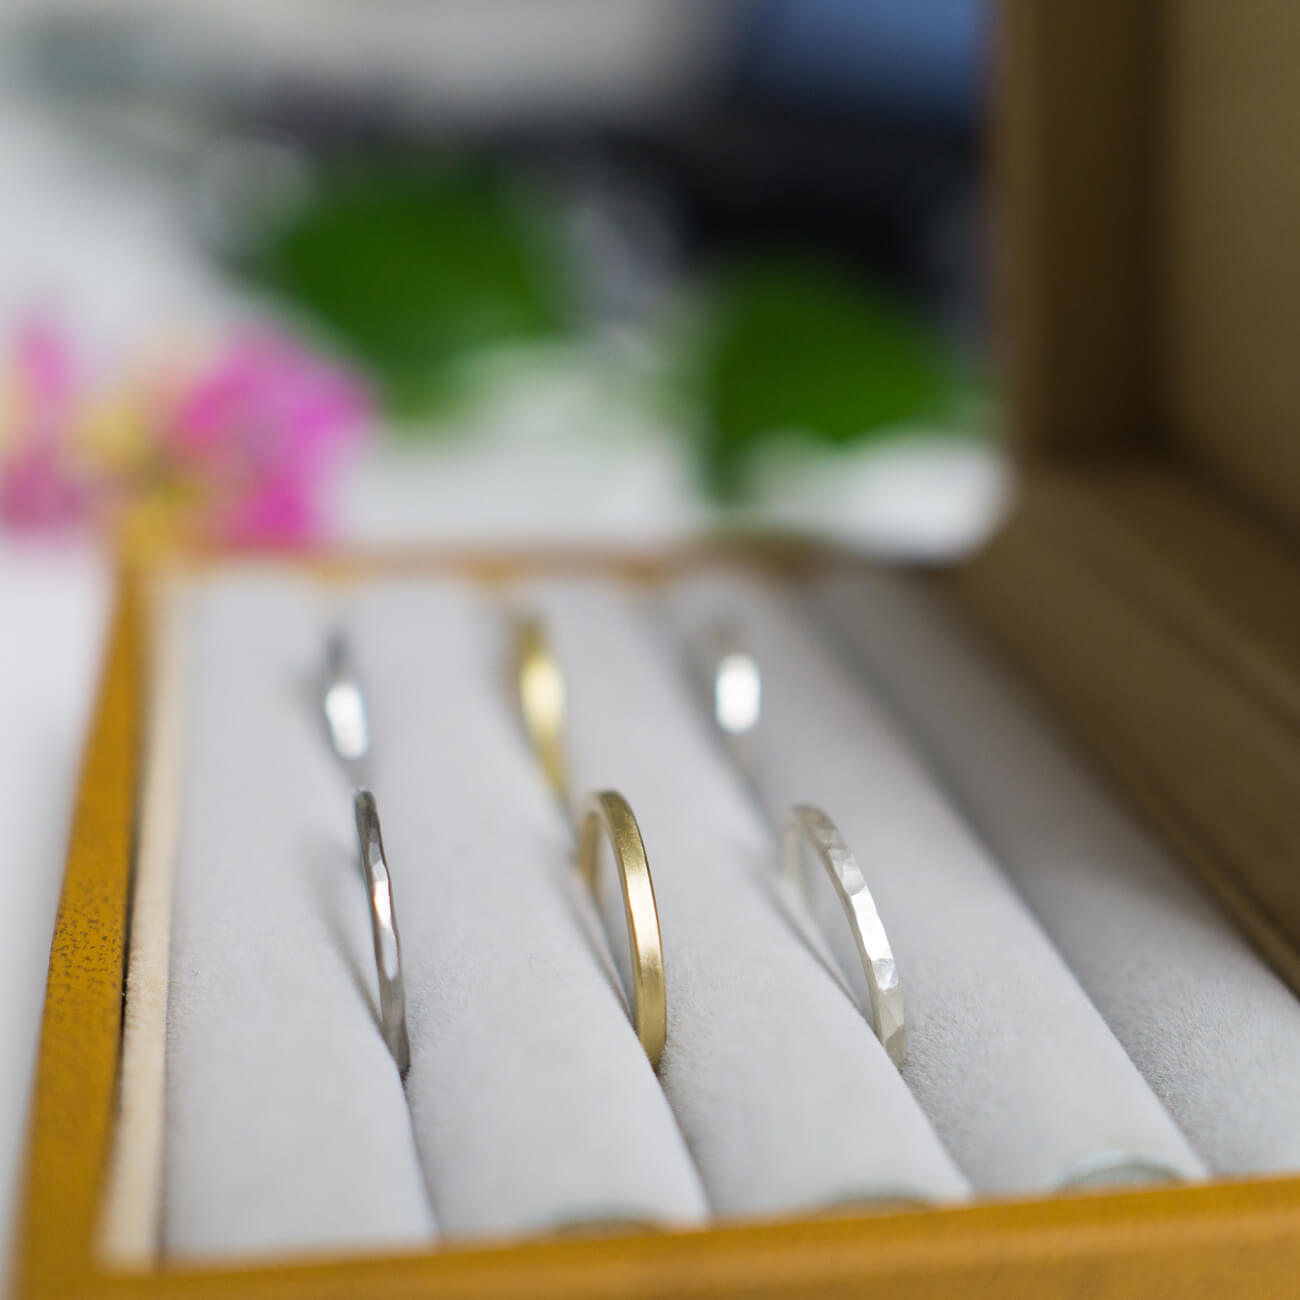 ケースの中に結婚指輪のサンプル ジュエリーのアトリエ ゴールド、プラチナ、シルバー 屋久島でつくる結婚指輪